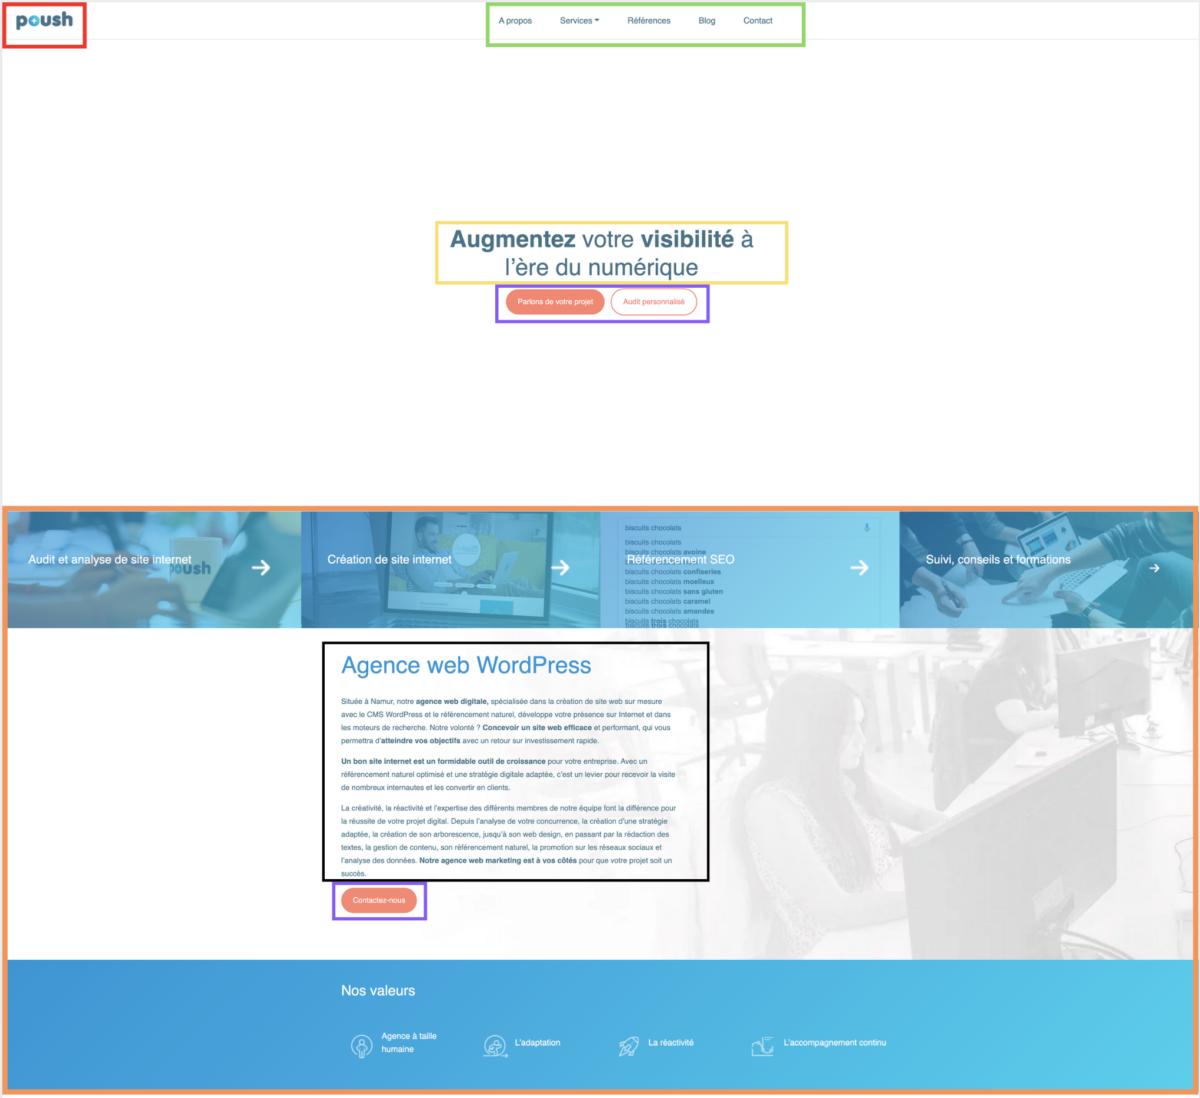 page d'accueil site internet Poush